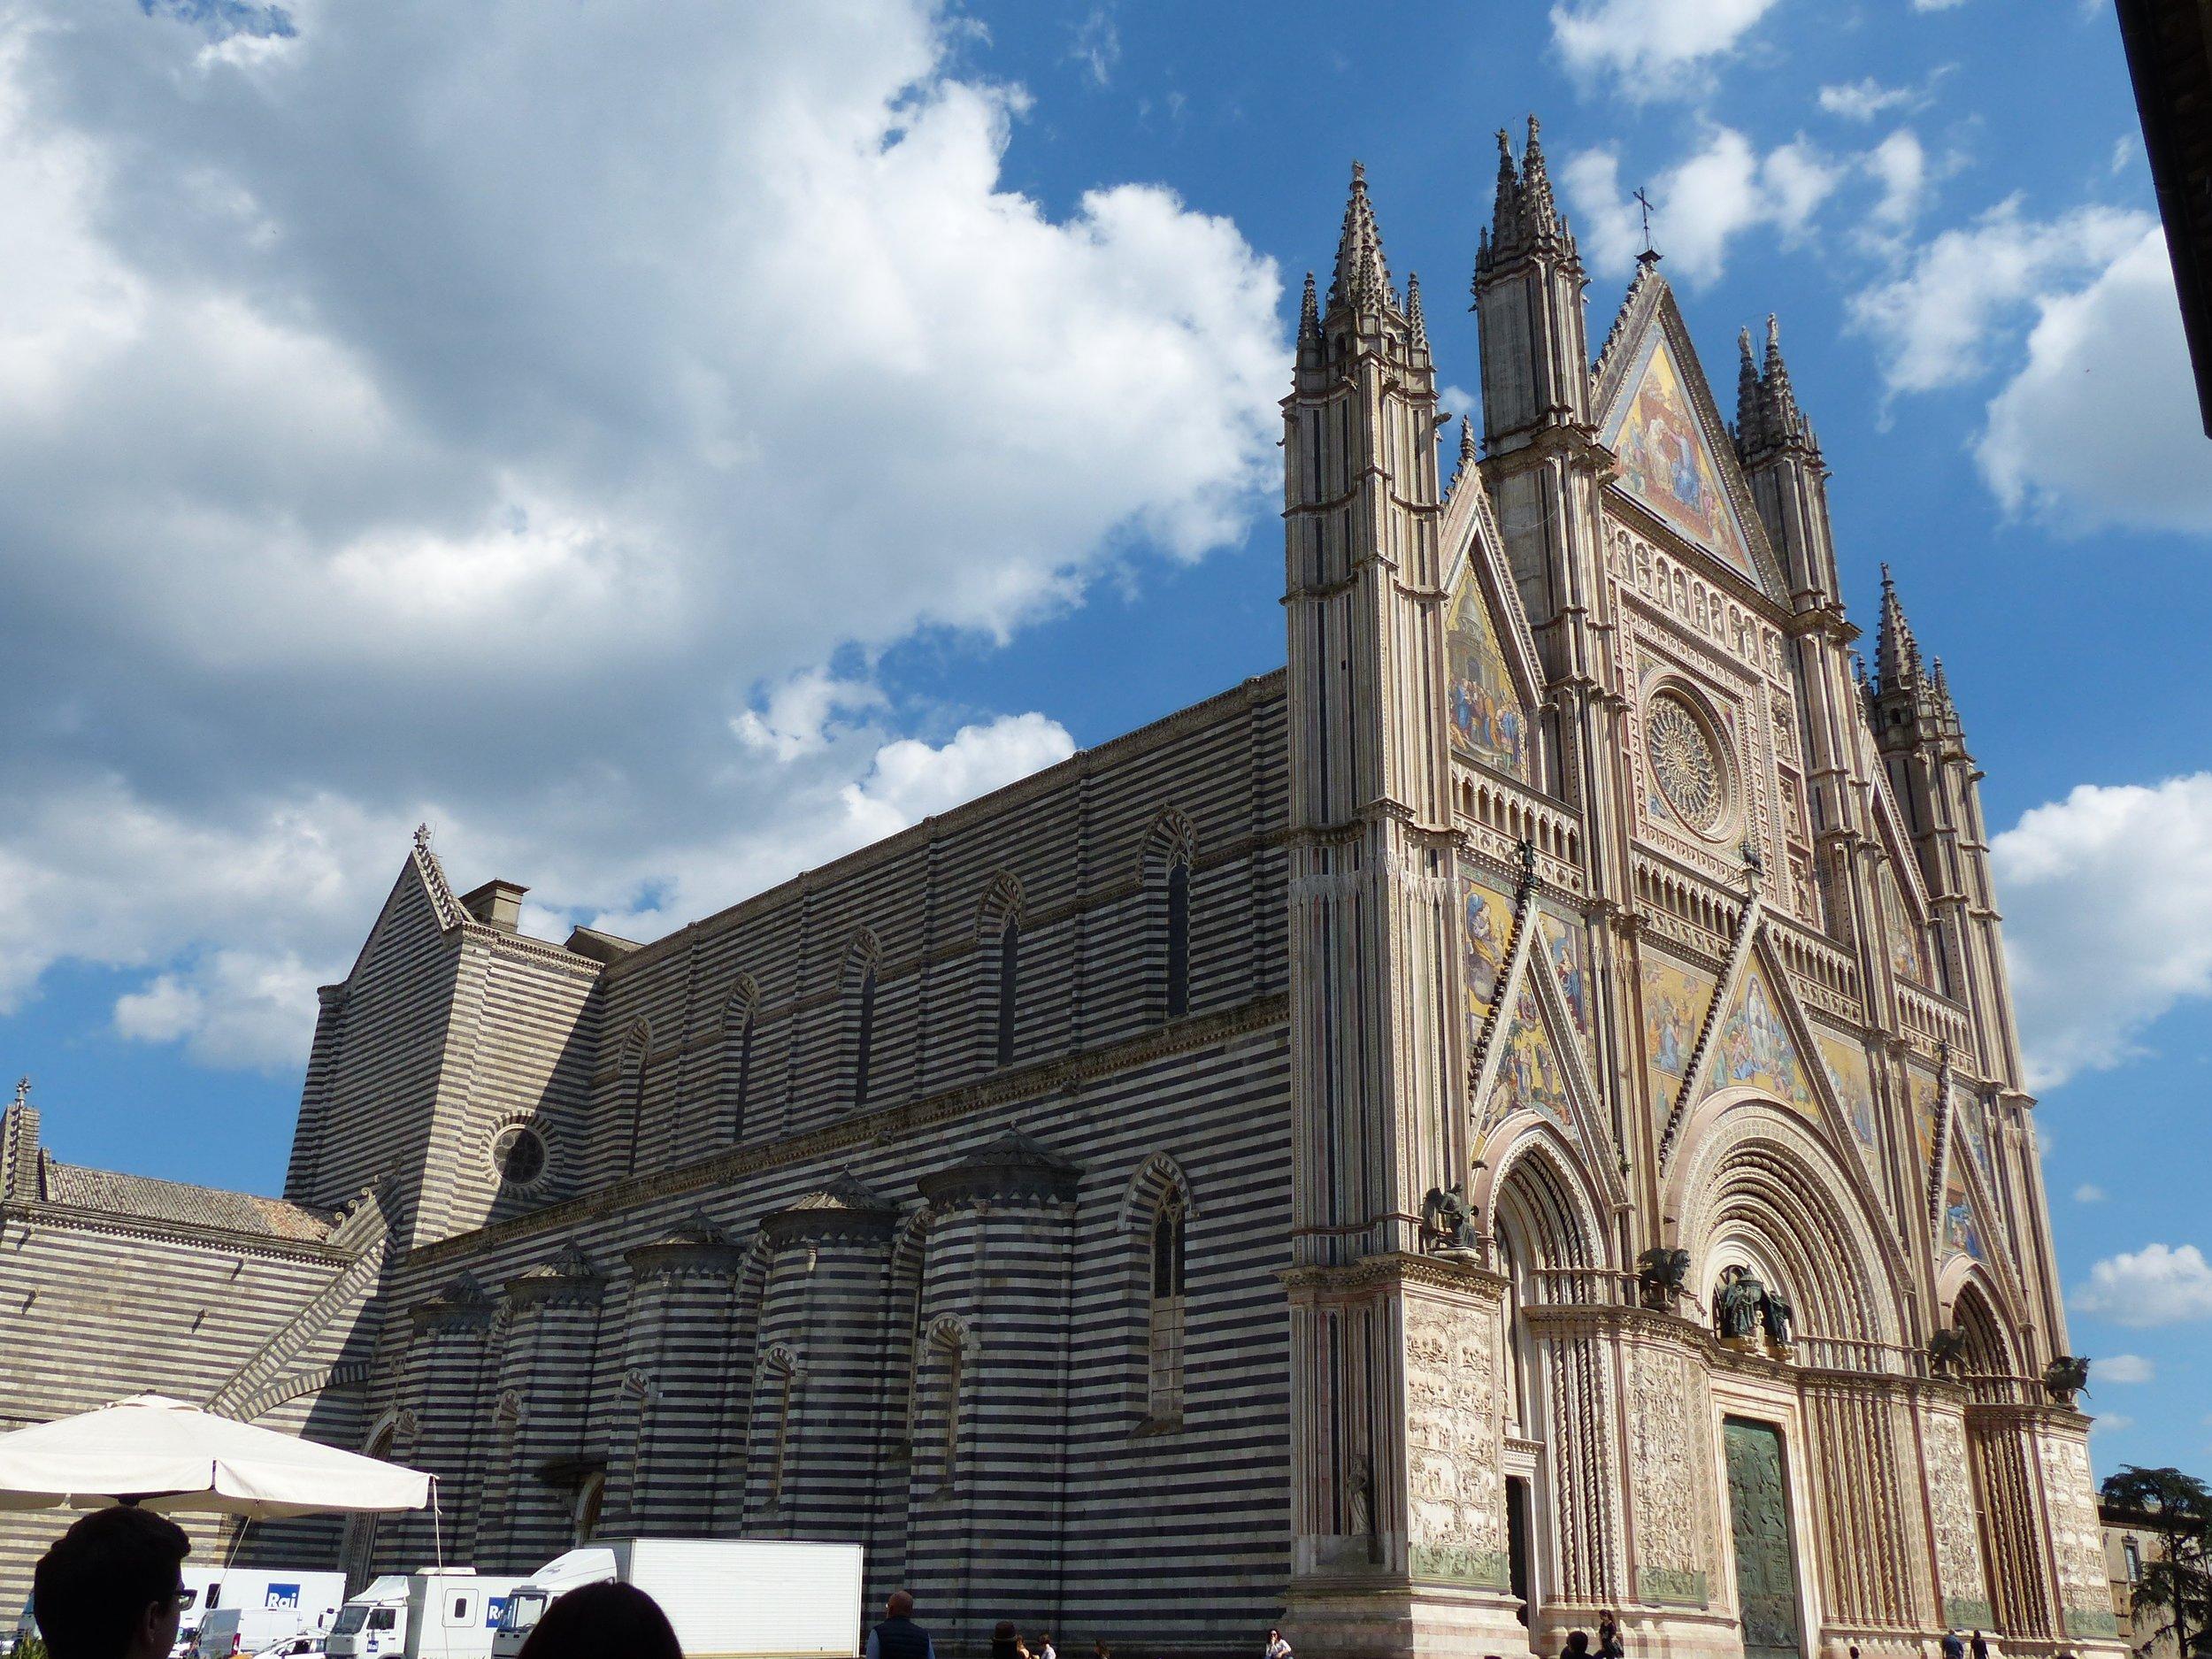 Duomo in Orvieto, Umbria